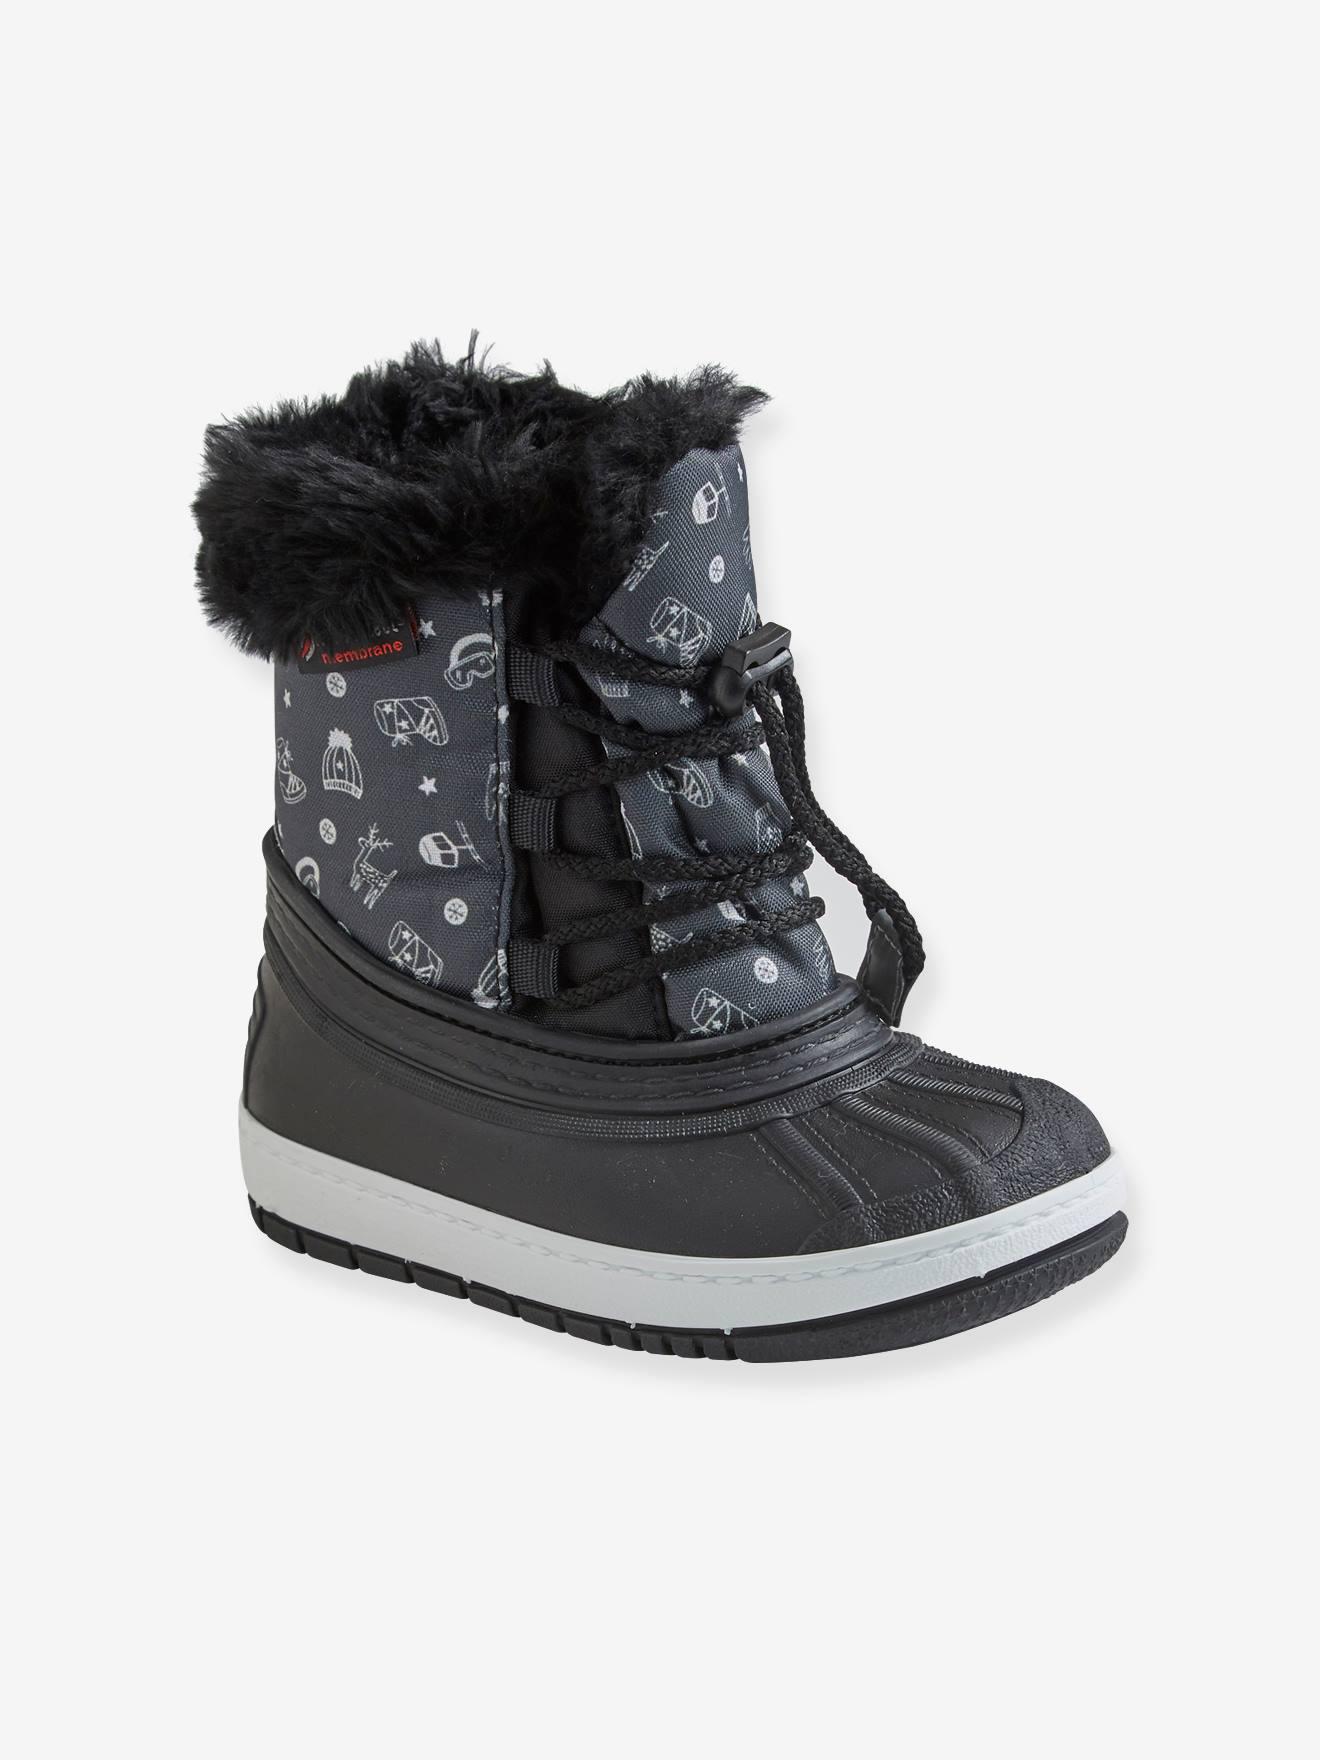 Botas de neve com atacadores, para menino preto escuro estampado